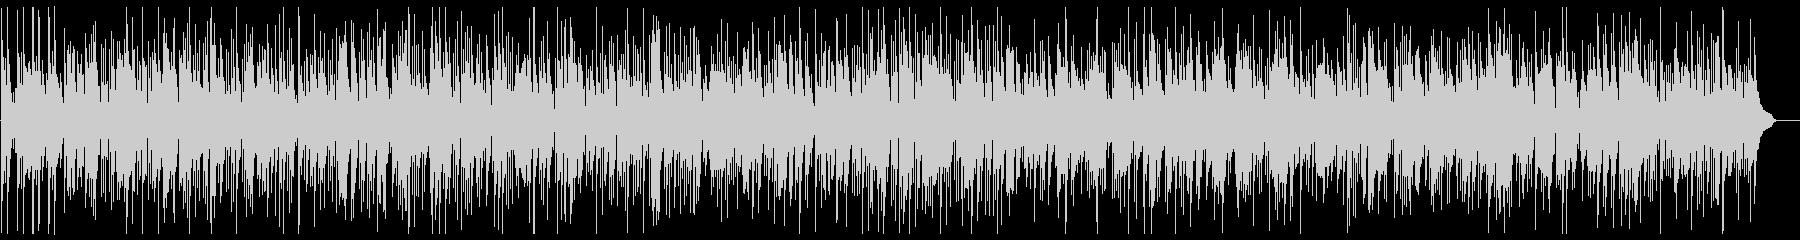 カフェにピッタリなピアノジャズ曲の未再生の波形